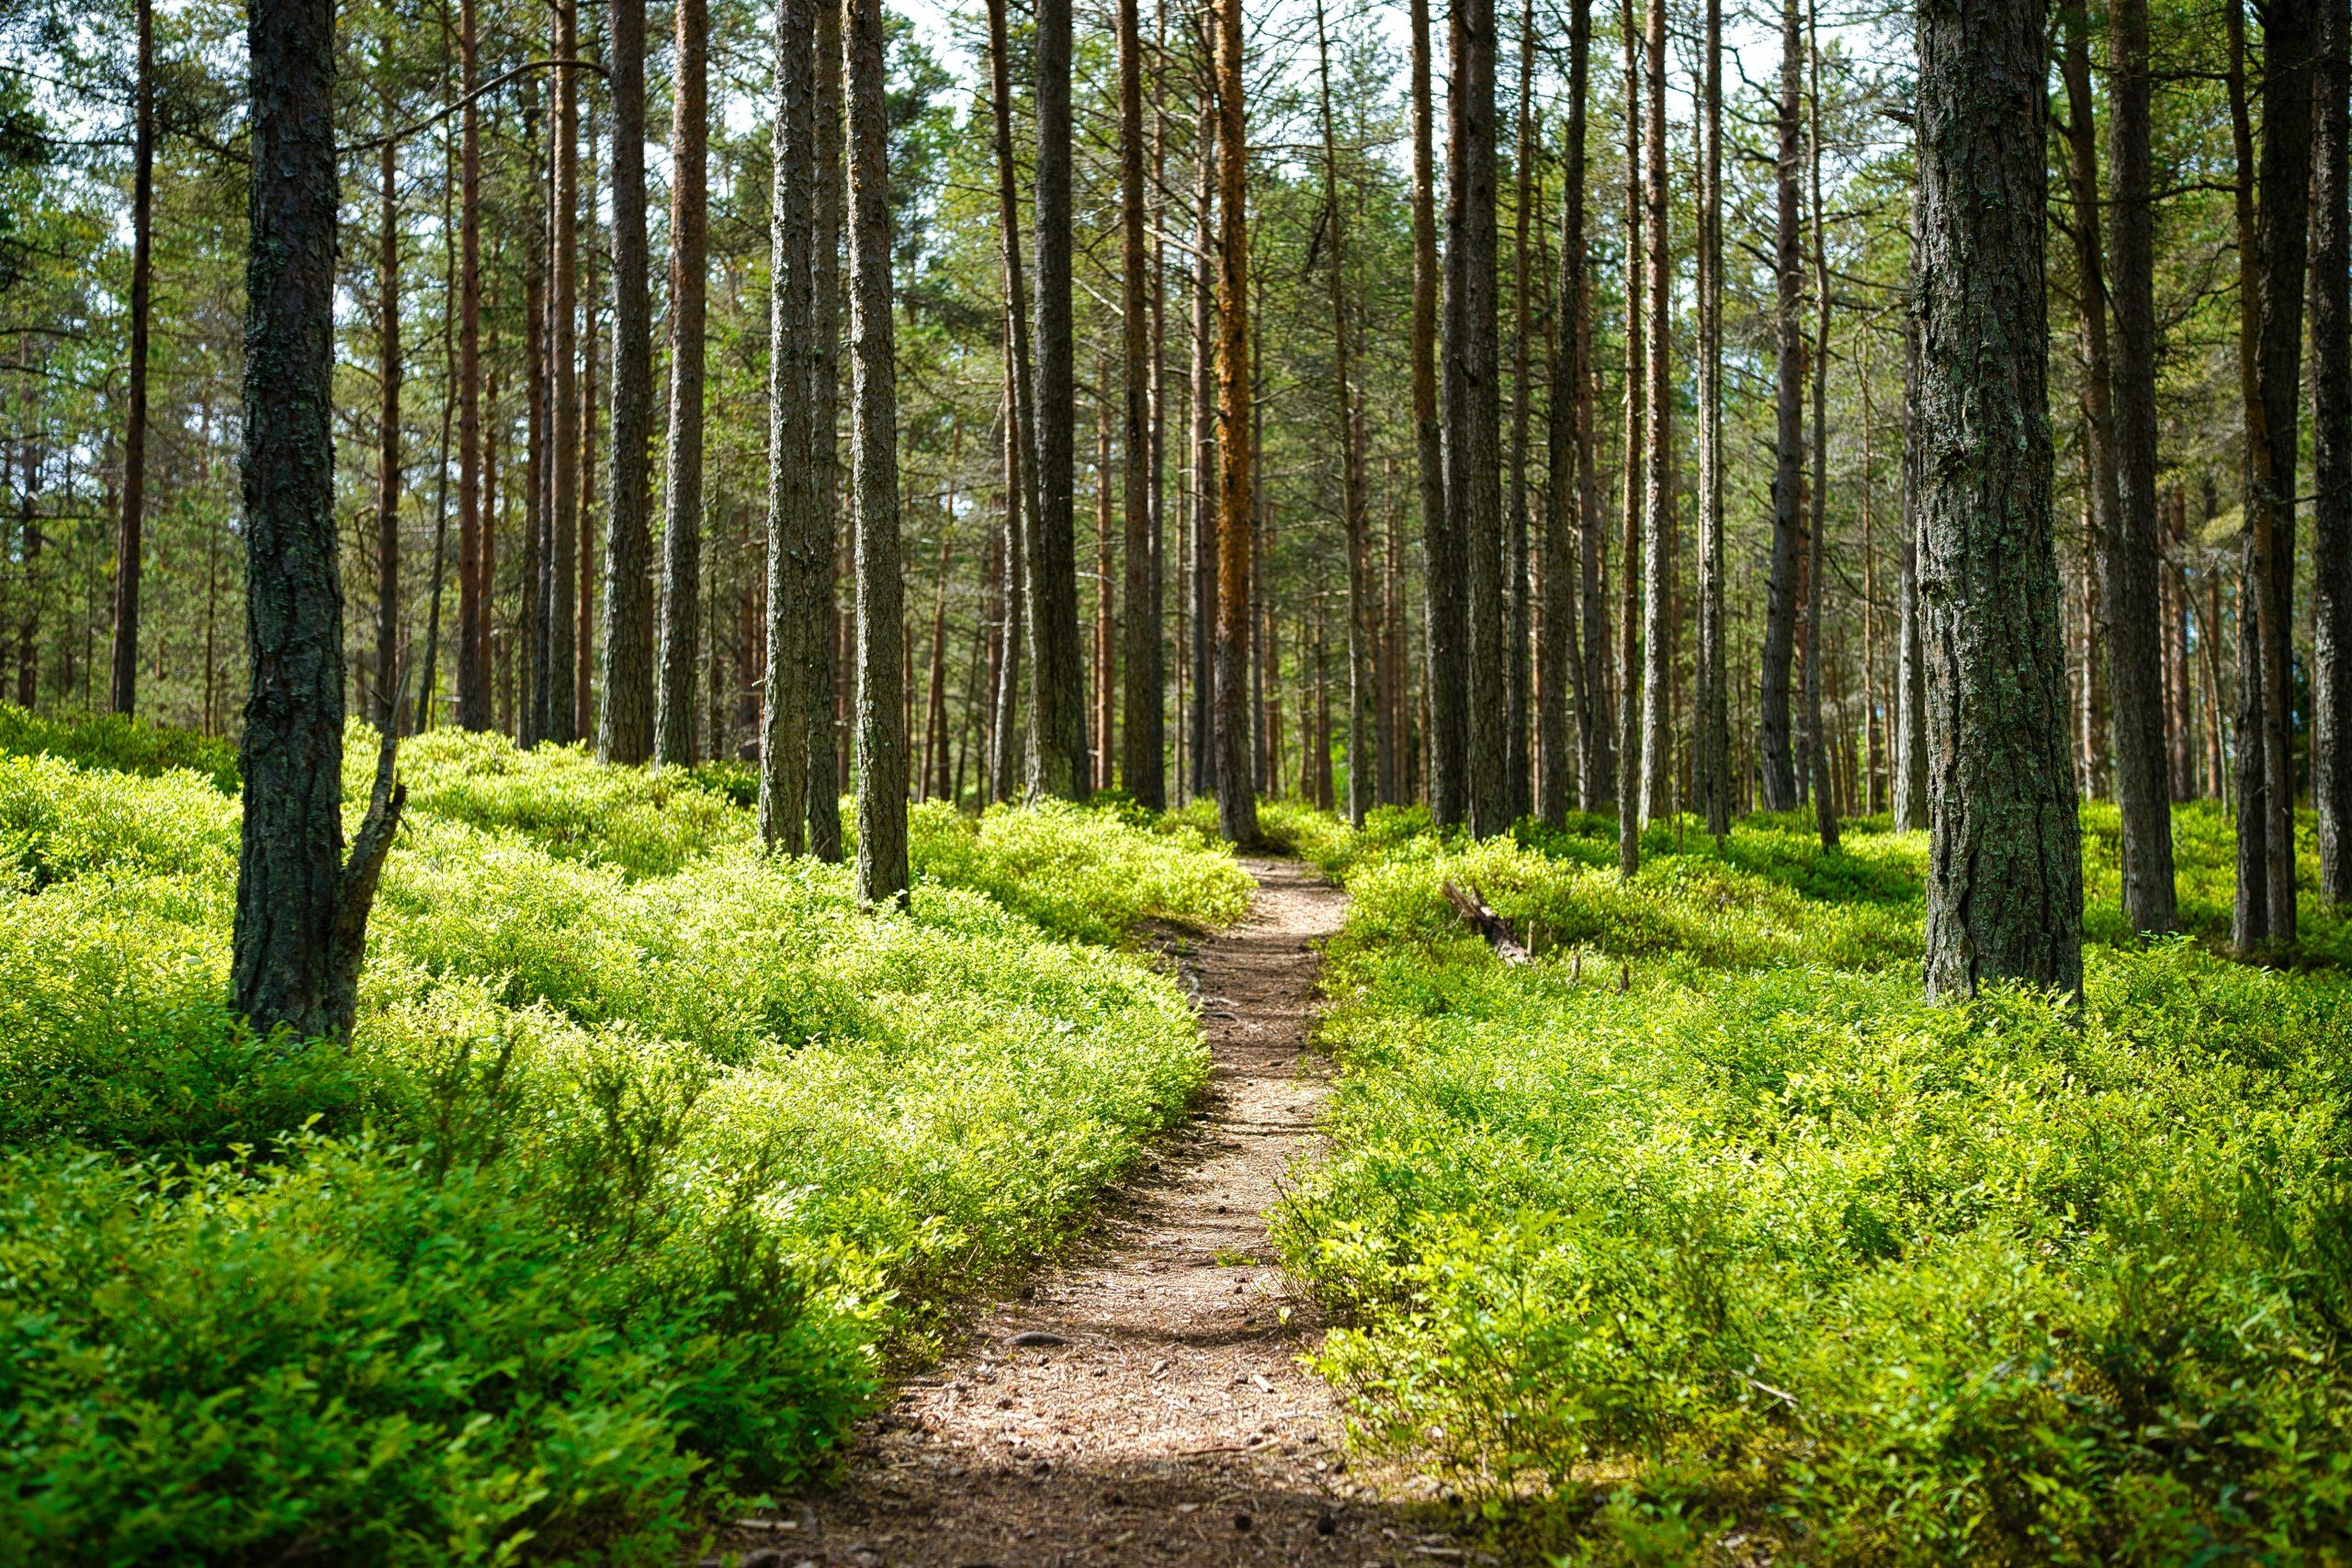 eine Lichtung in einem Wald.